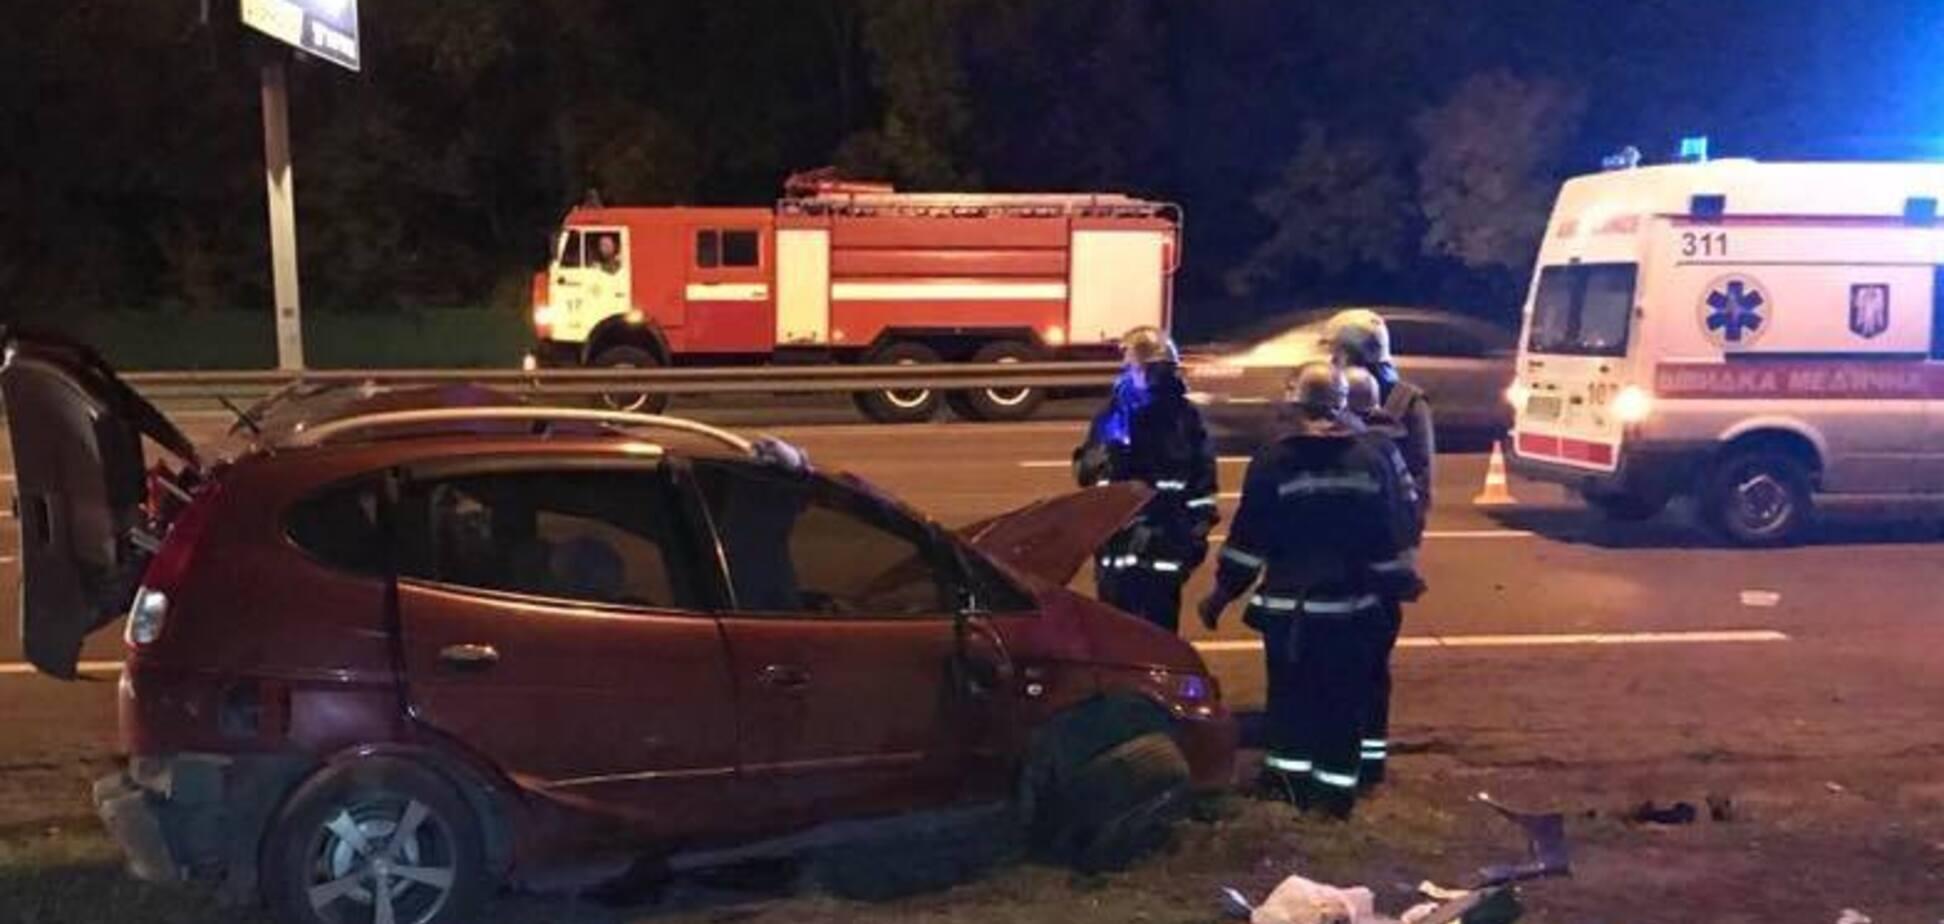 Трагедію влаштував автовикрадач? У поліції розповіли про масштабну ДТП у Києві